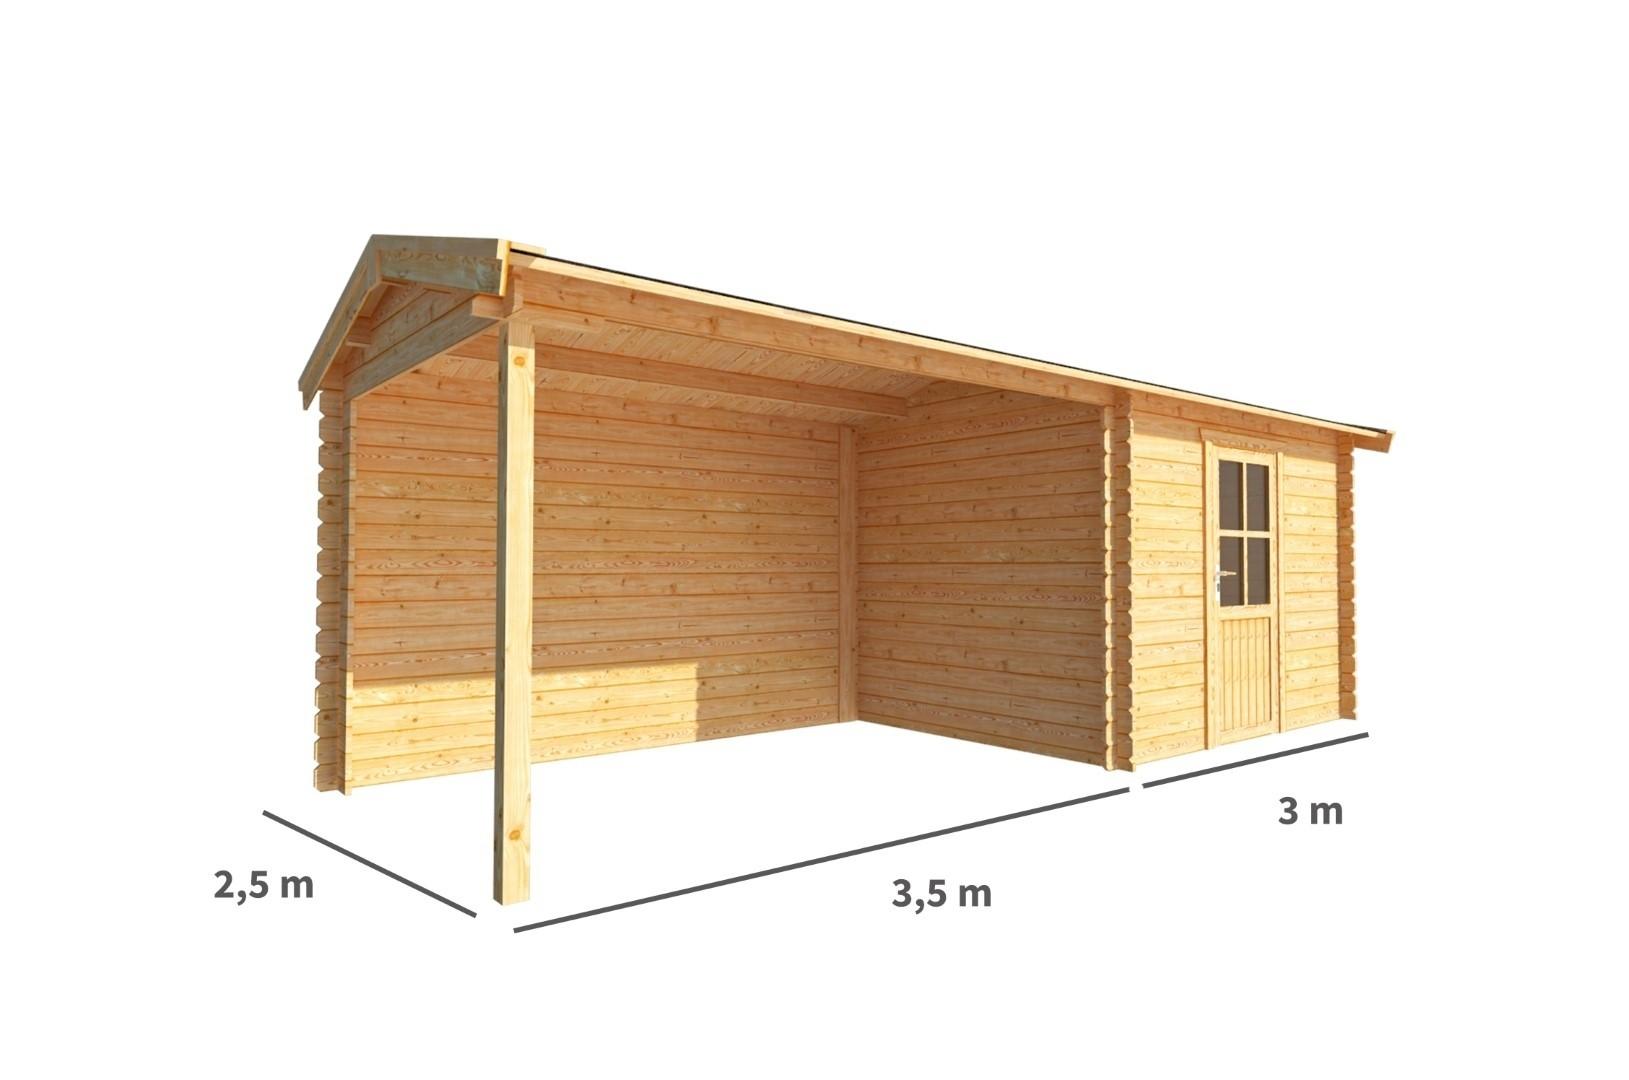 Blokhut met overkapping Fenna 650 cm bij 250 cm diep Zadeldak